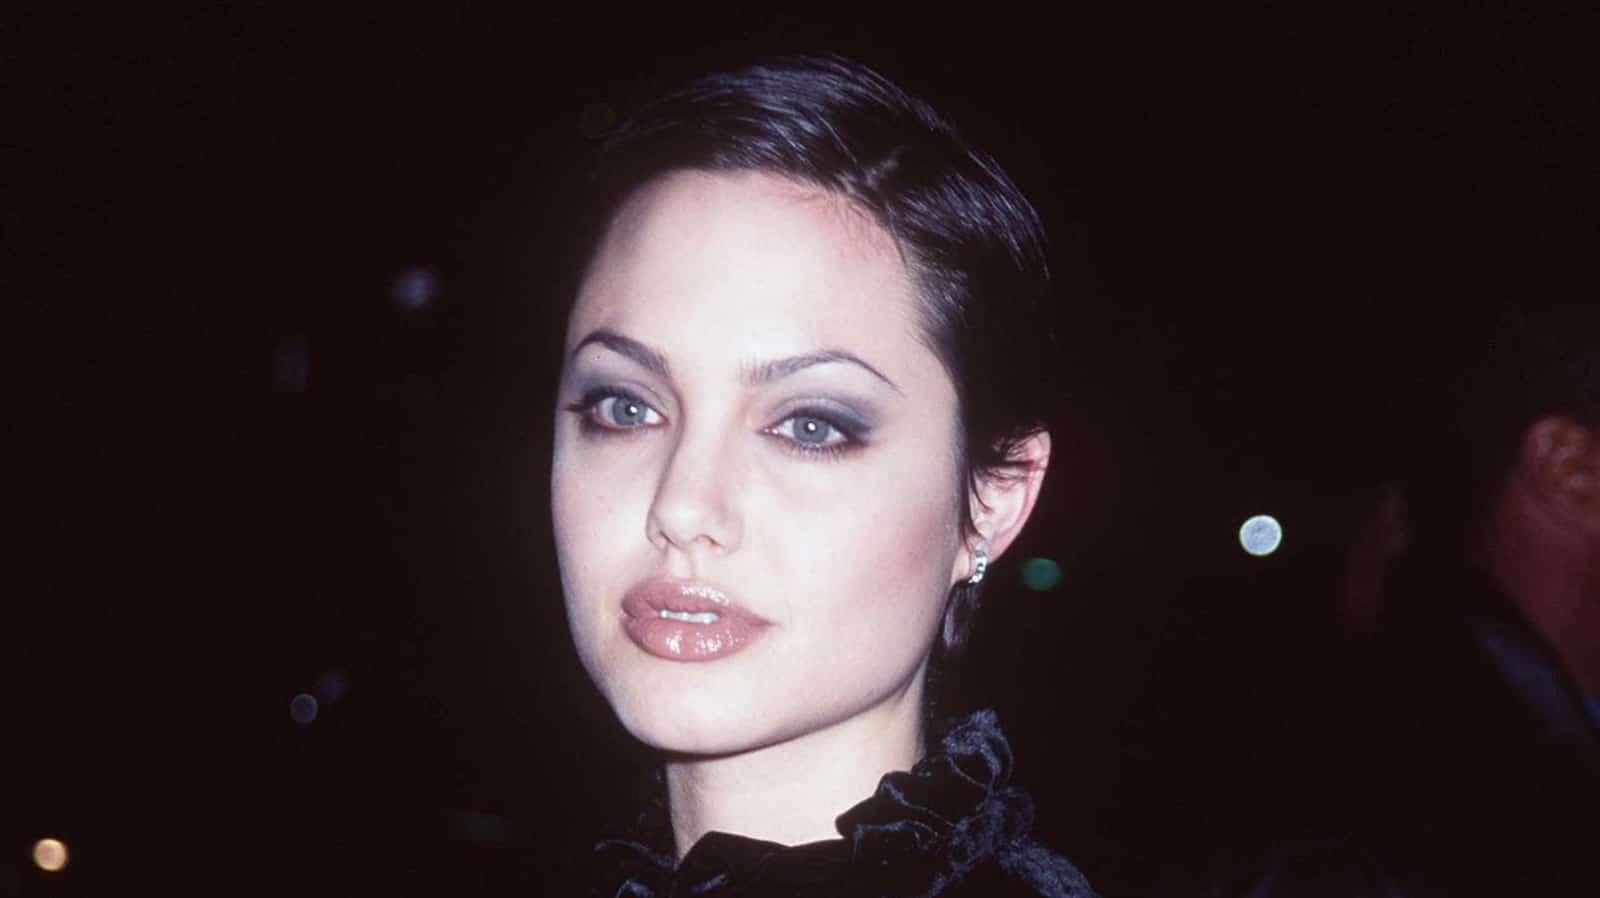 Пост, воспевающий красоту, смелость и дерзость юной Анджелины Джоли